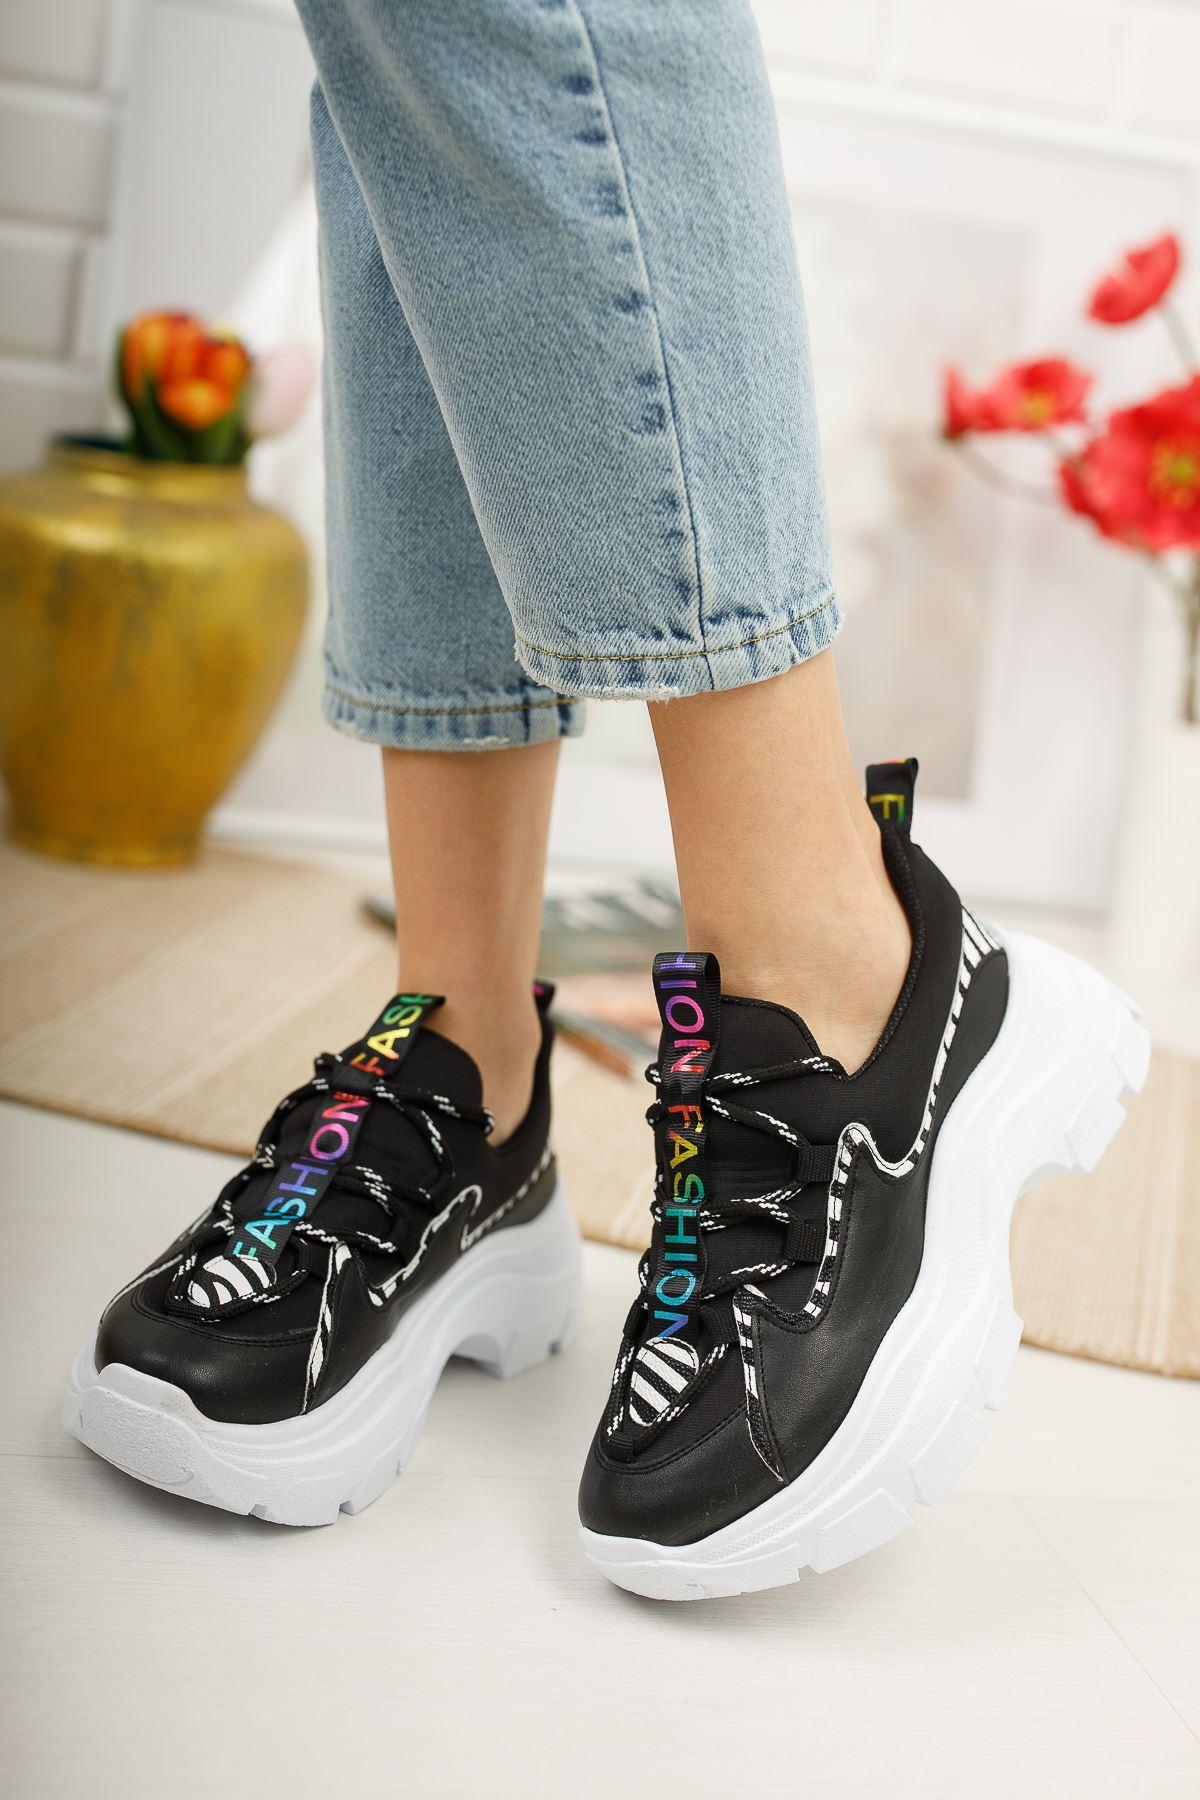 Aria Siyah Beyaz Kadın Spor Ayakkabı